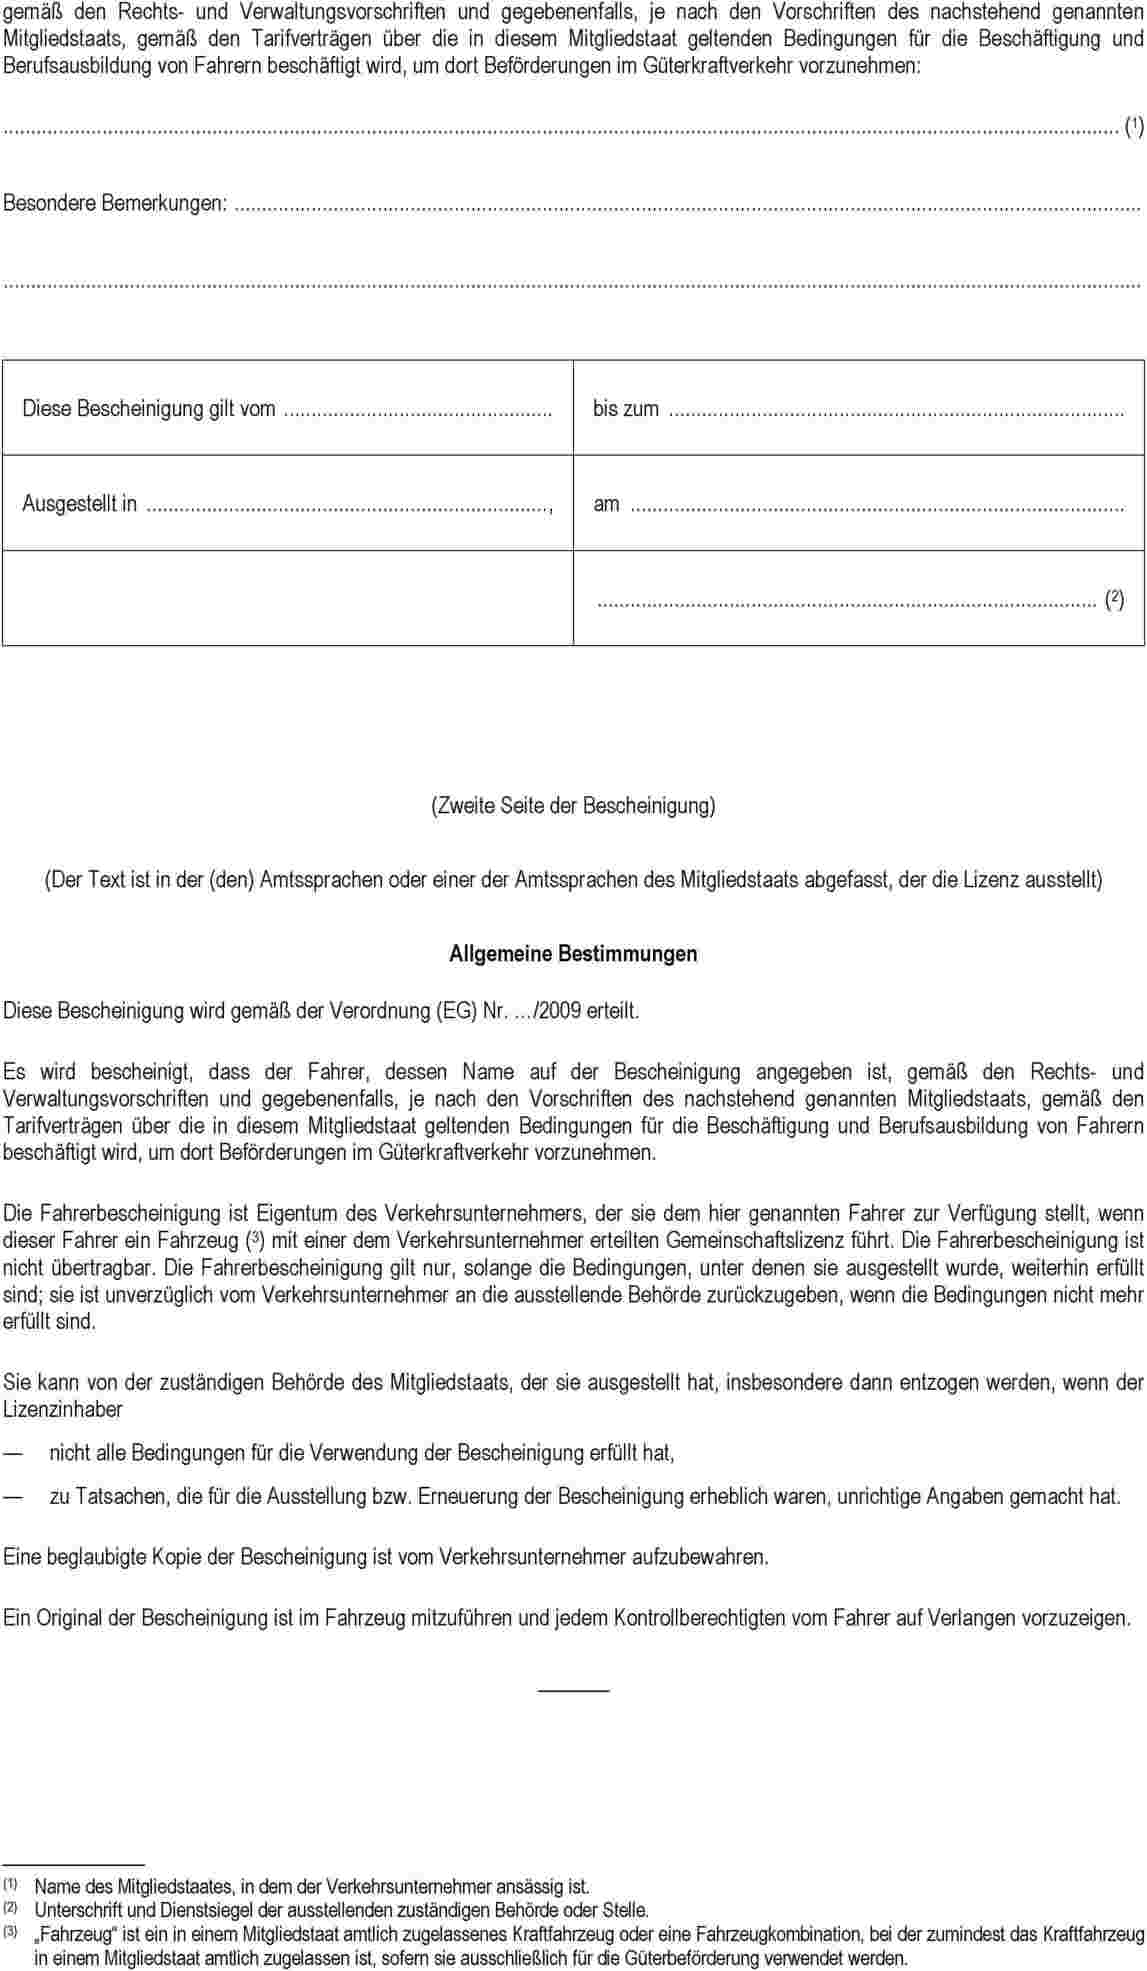 Amazing Leasingvertrag Formularvorlage Component - FORTSETZUNG ...